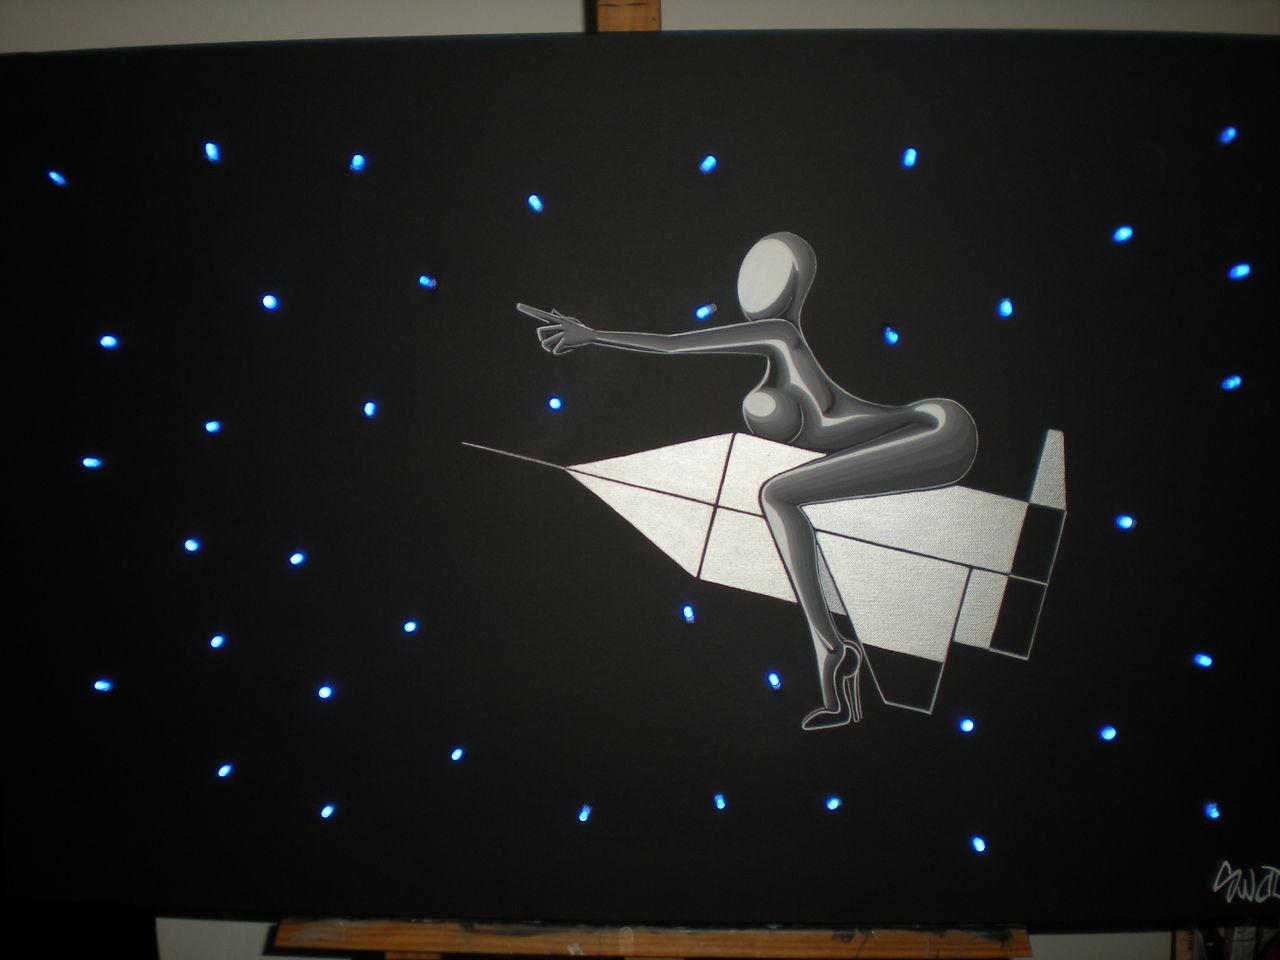 souad halima-rihoum dit SWAD en tant qu'artiste DSCN3144